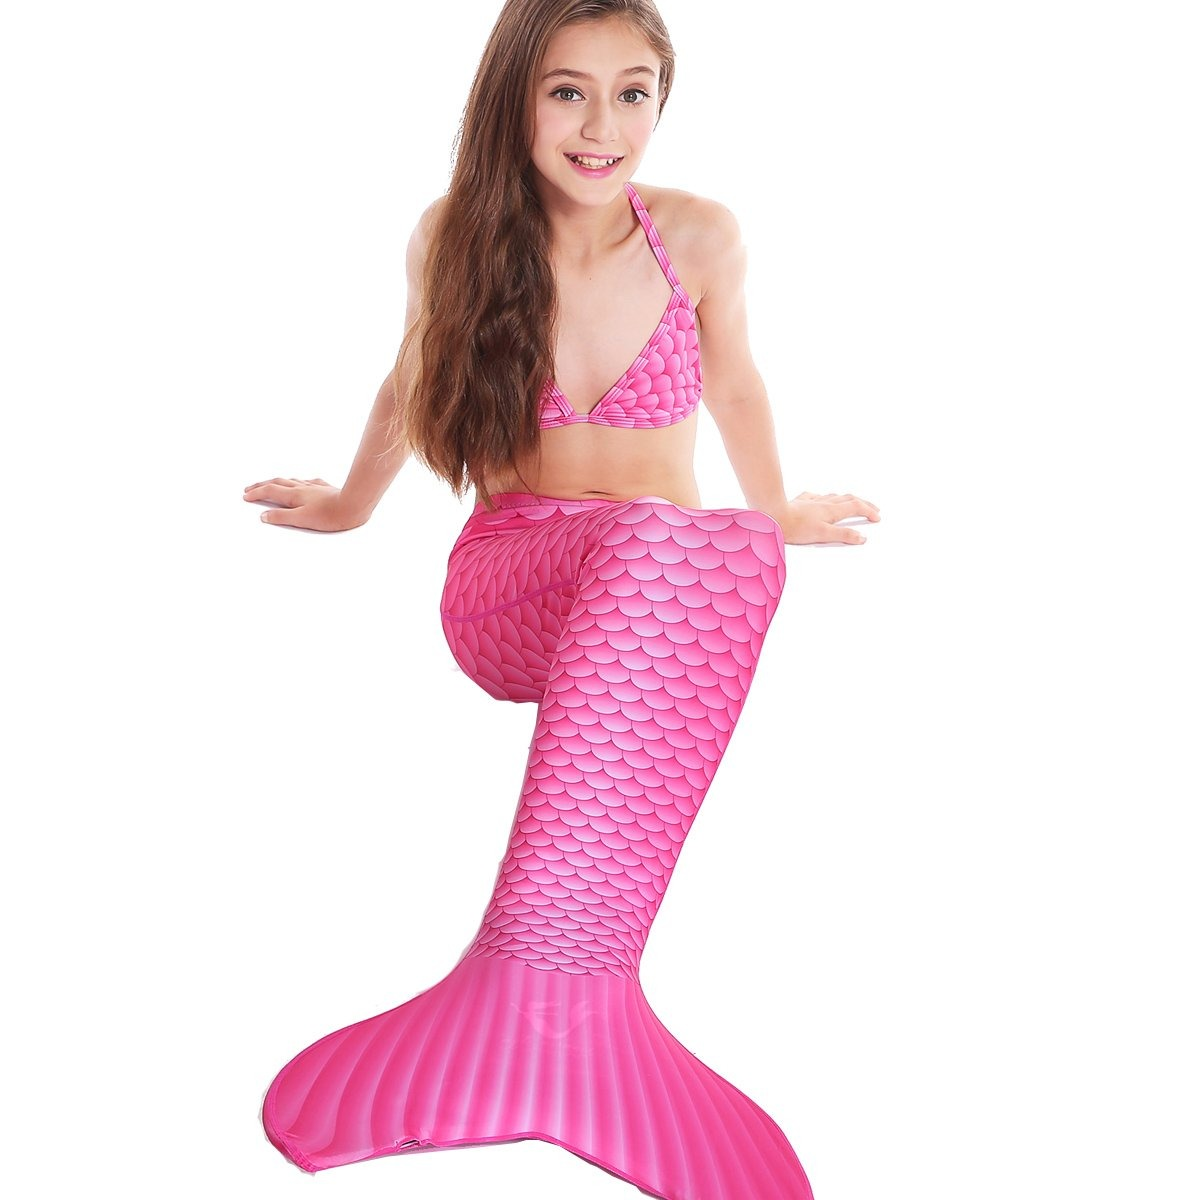 Myle Mermaid Lycra Tamaño De La Cola De Sirena Para Niños - S/ 438 ...